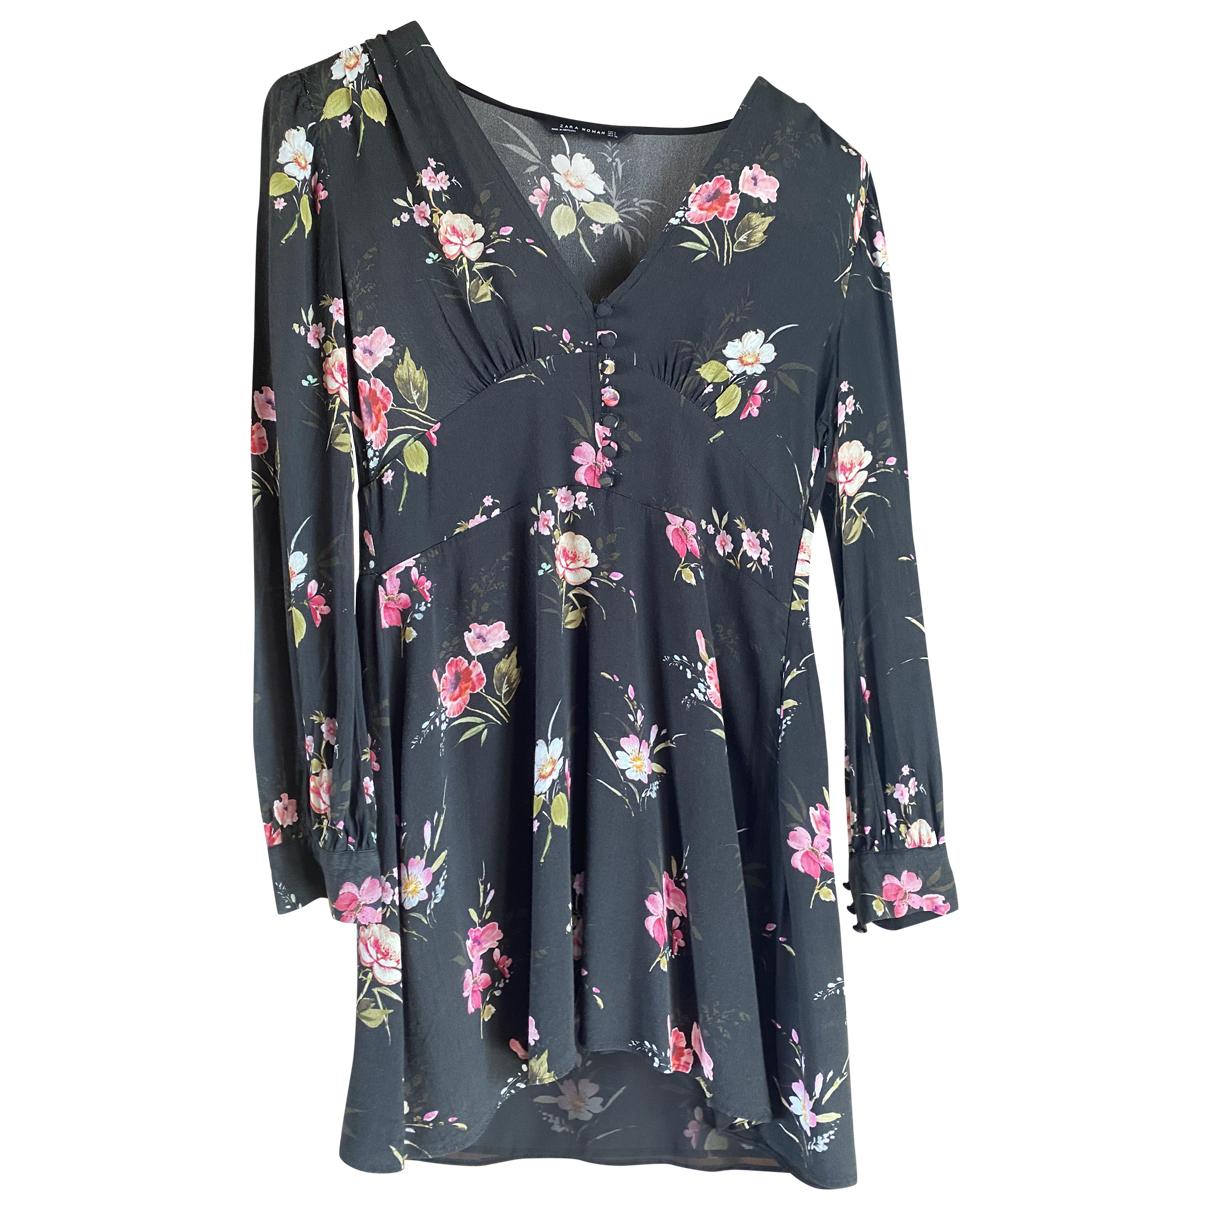 Zara \N Black dress for Women 42 IT